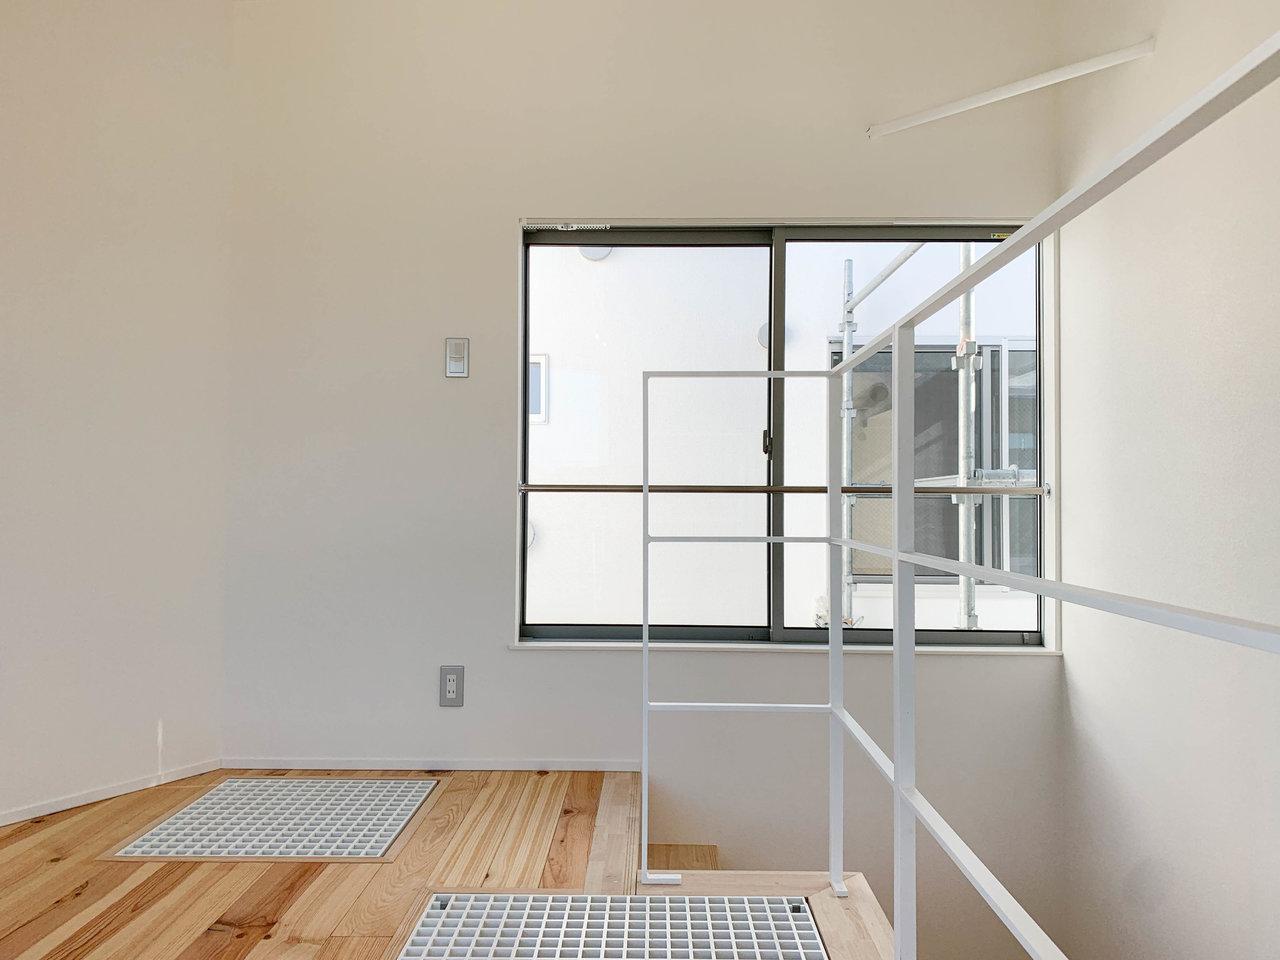 こちらは3階建て+ロフト、というちょっぴり変わった間取りのお部屋です。1階がキッチンなどの水回り、2階をリビング、3階との間にロフトがあり、3階を寝室に、というイメージでしょうか。全部屋無垢材を使用した床で過ごしやすそう。